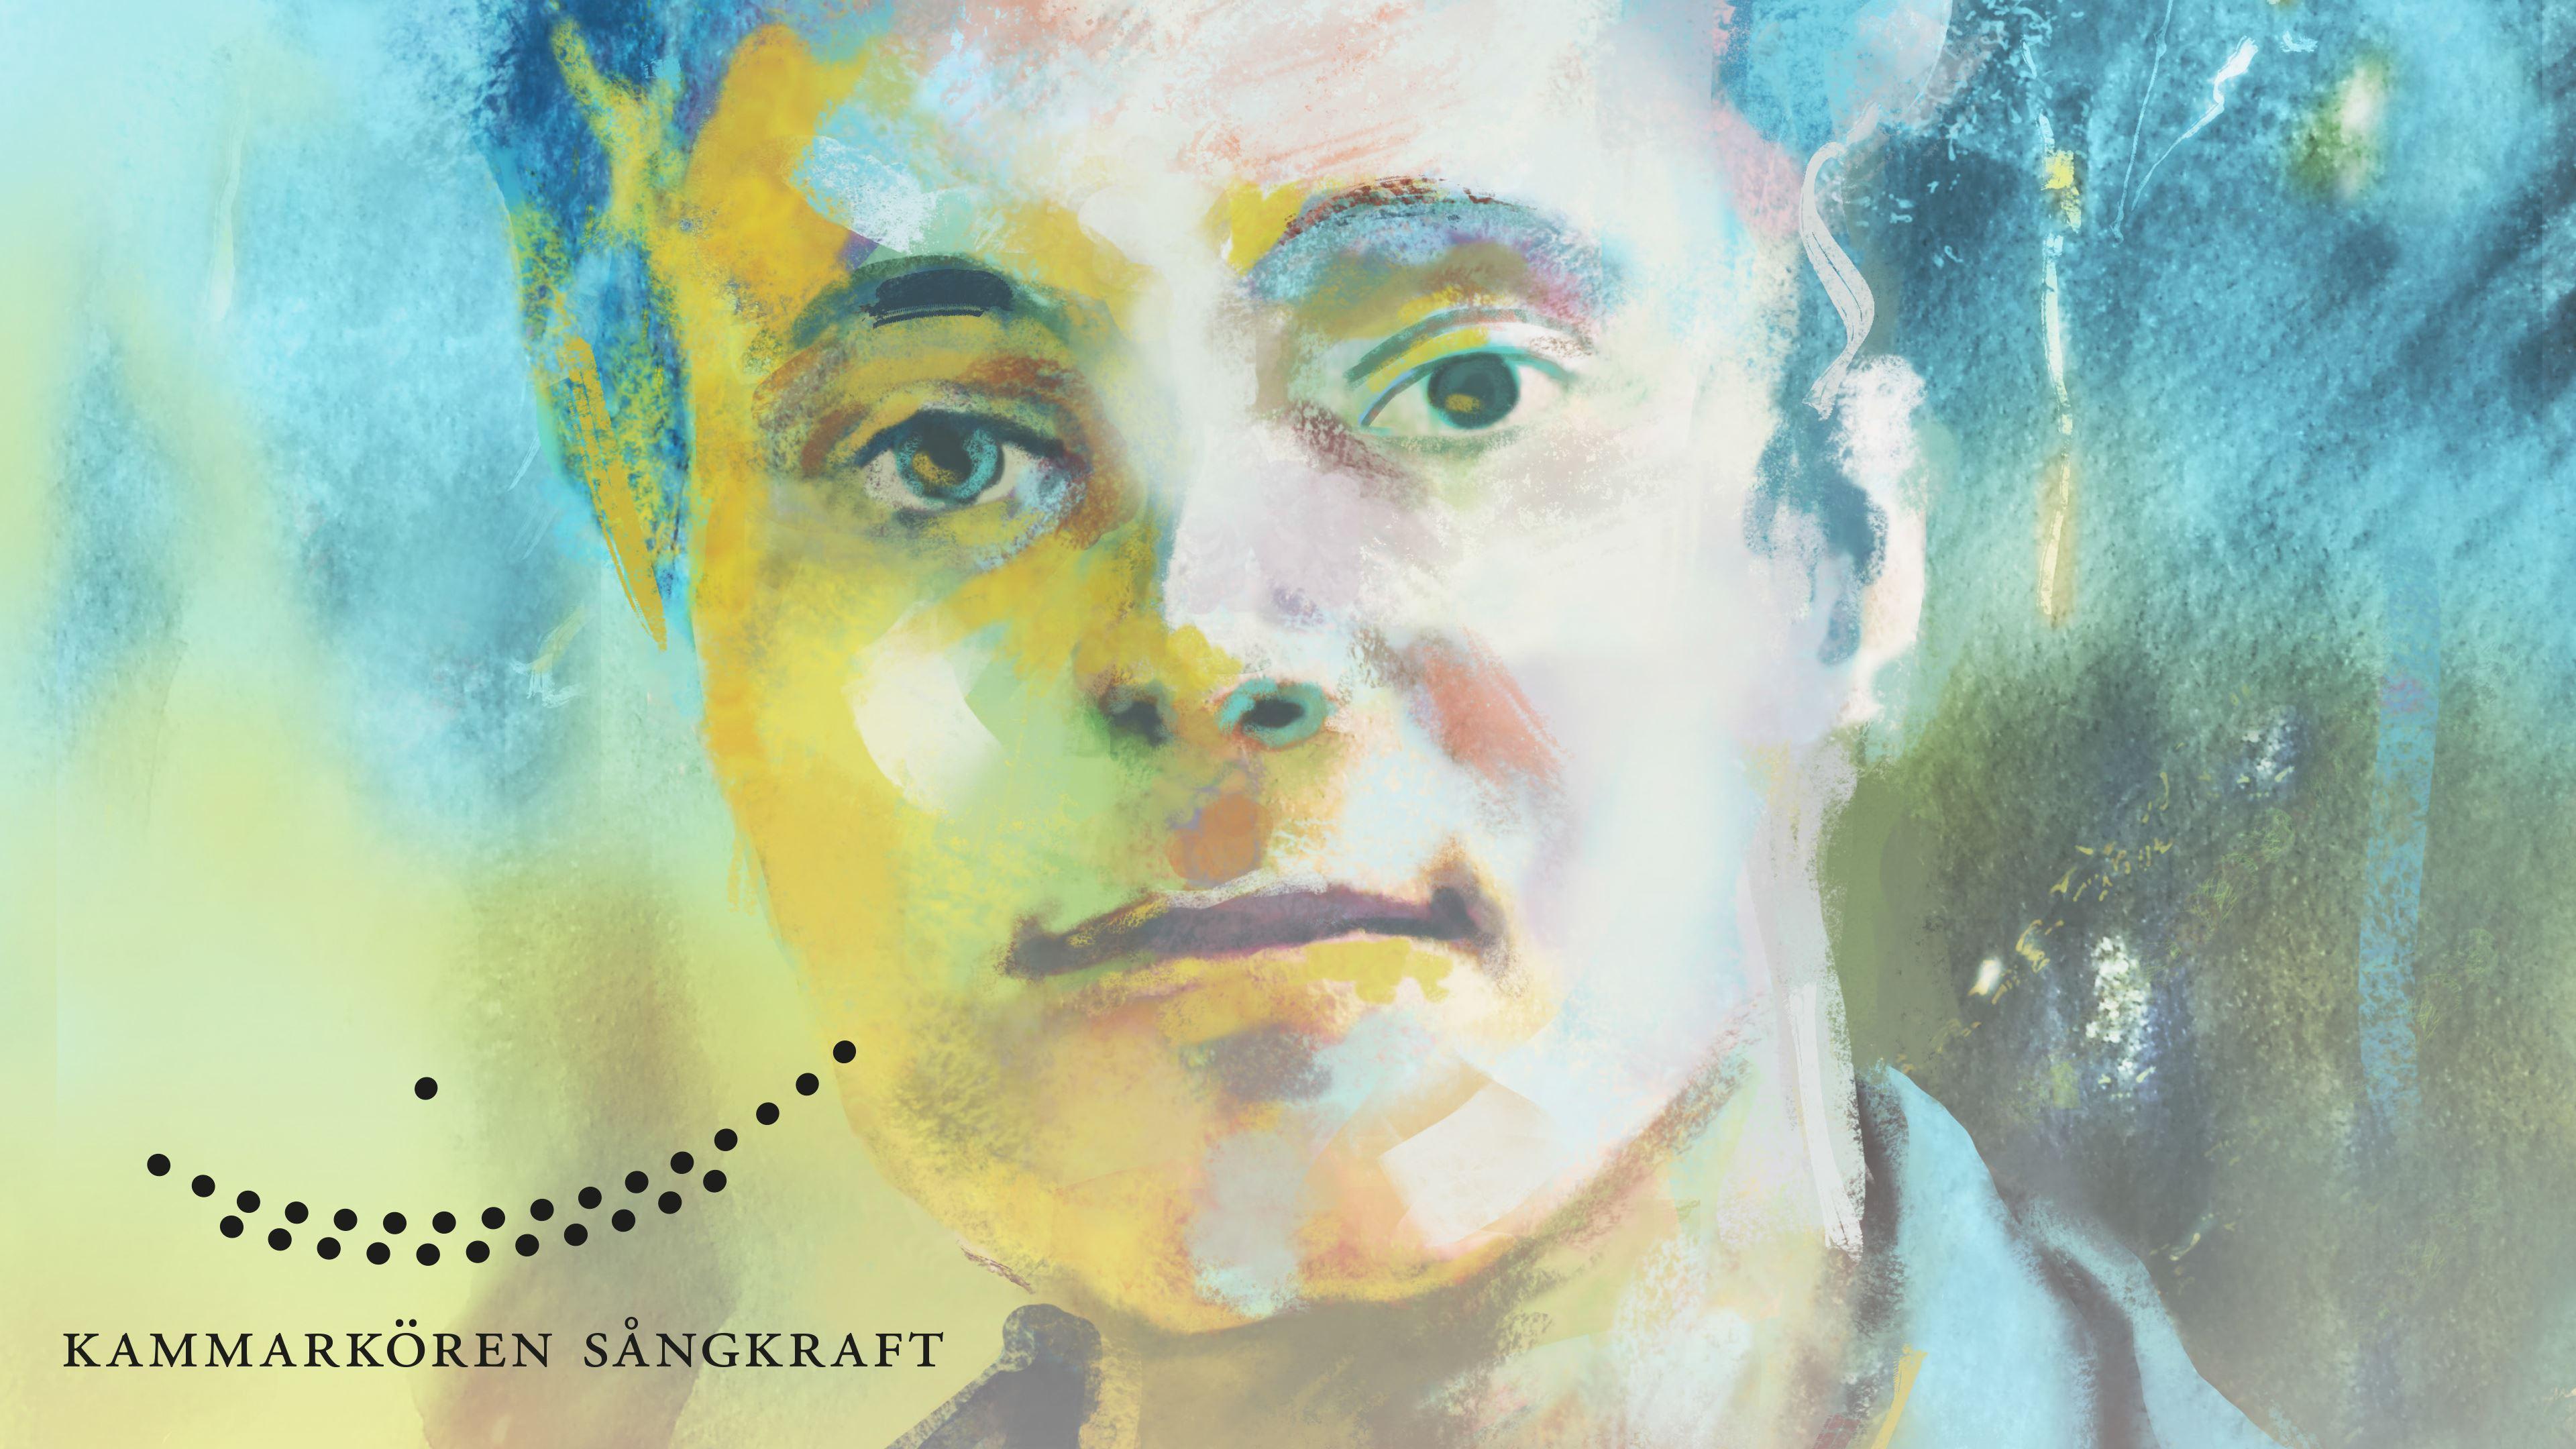 Kammarkören Sångkraft - Serenade to Music